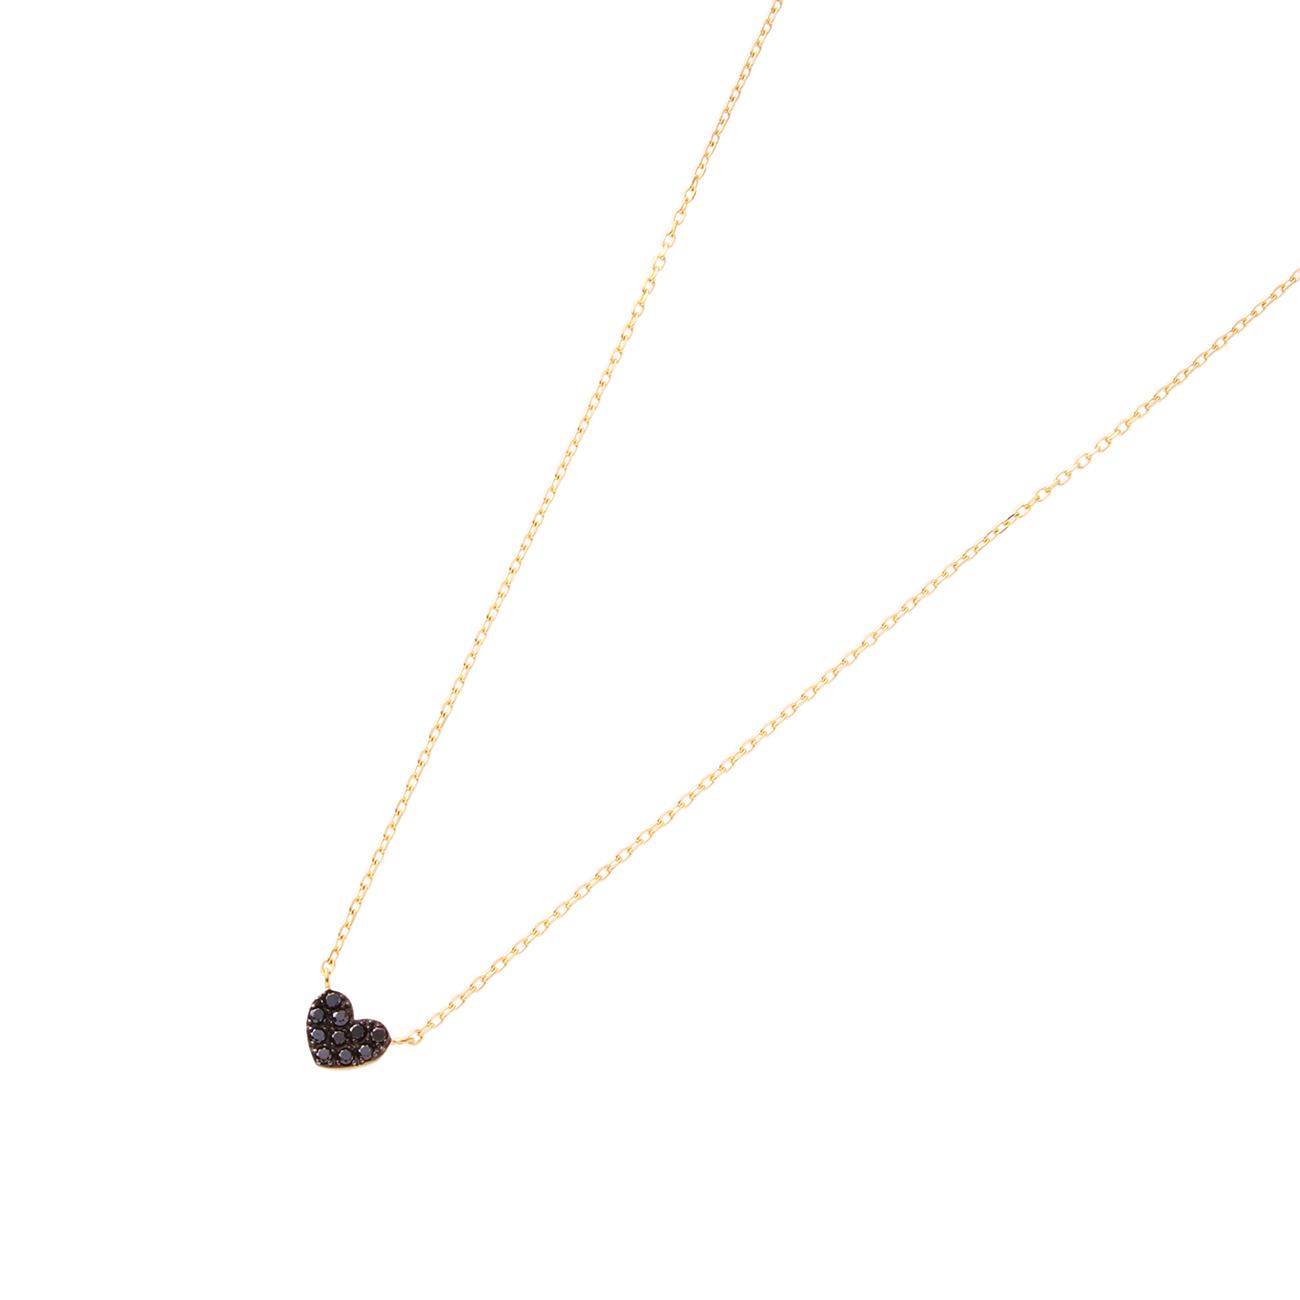 【COCOSHNIK (ココシュニック)】ブラックダイヤハート ネックレスレディース ジュエリー|ネックレス イエローゴールド